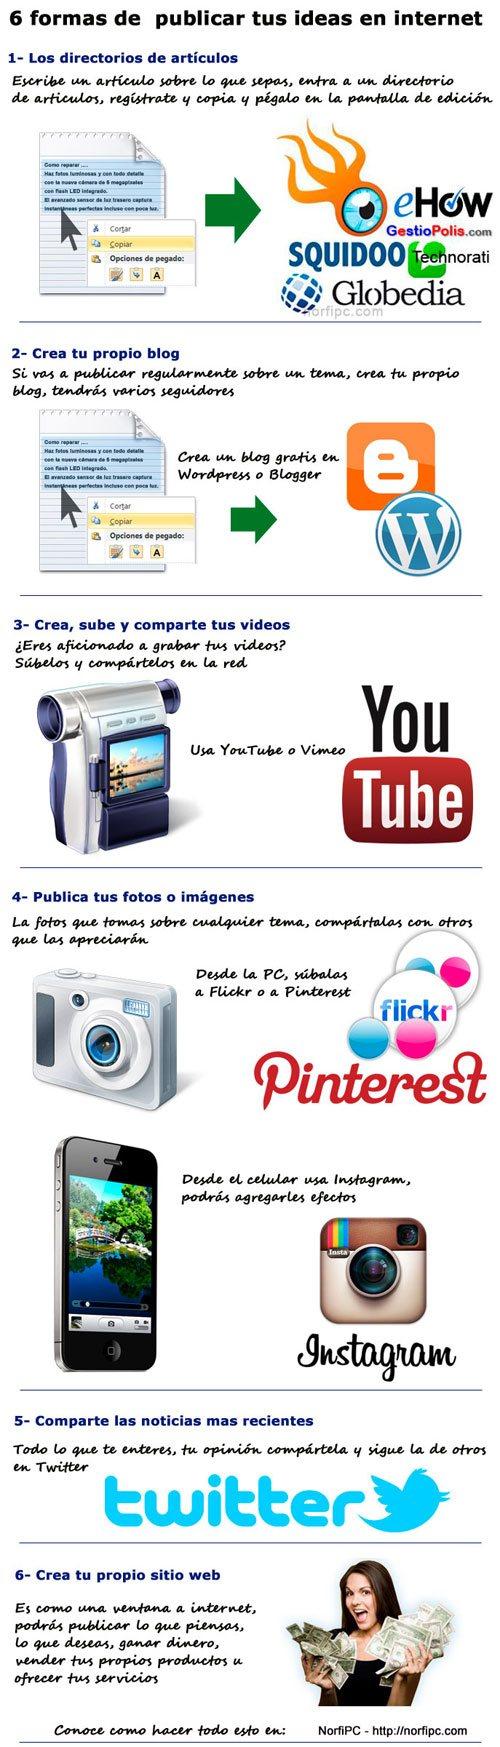 Como publicar, escribir, subir artículos y contenido a internet